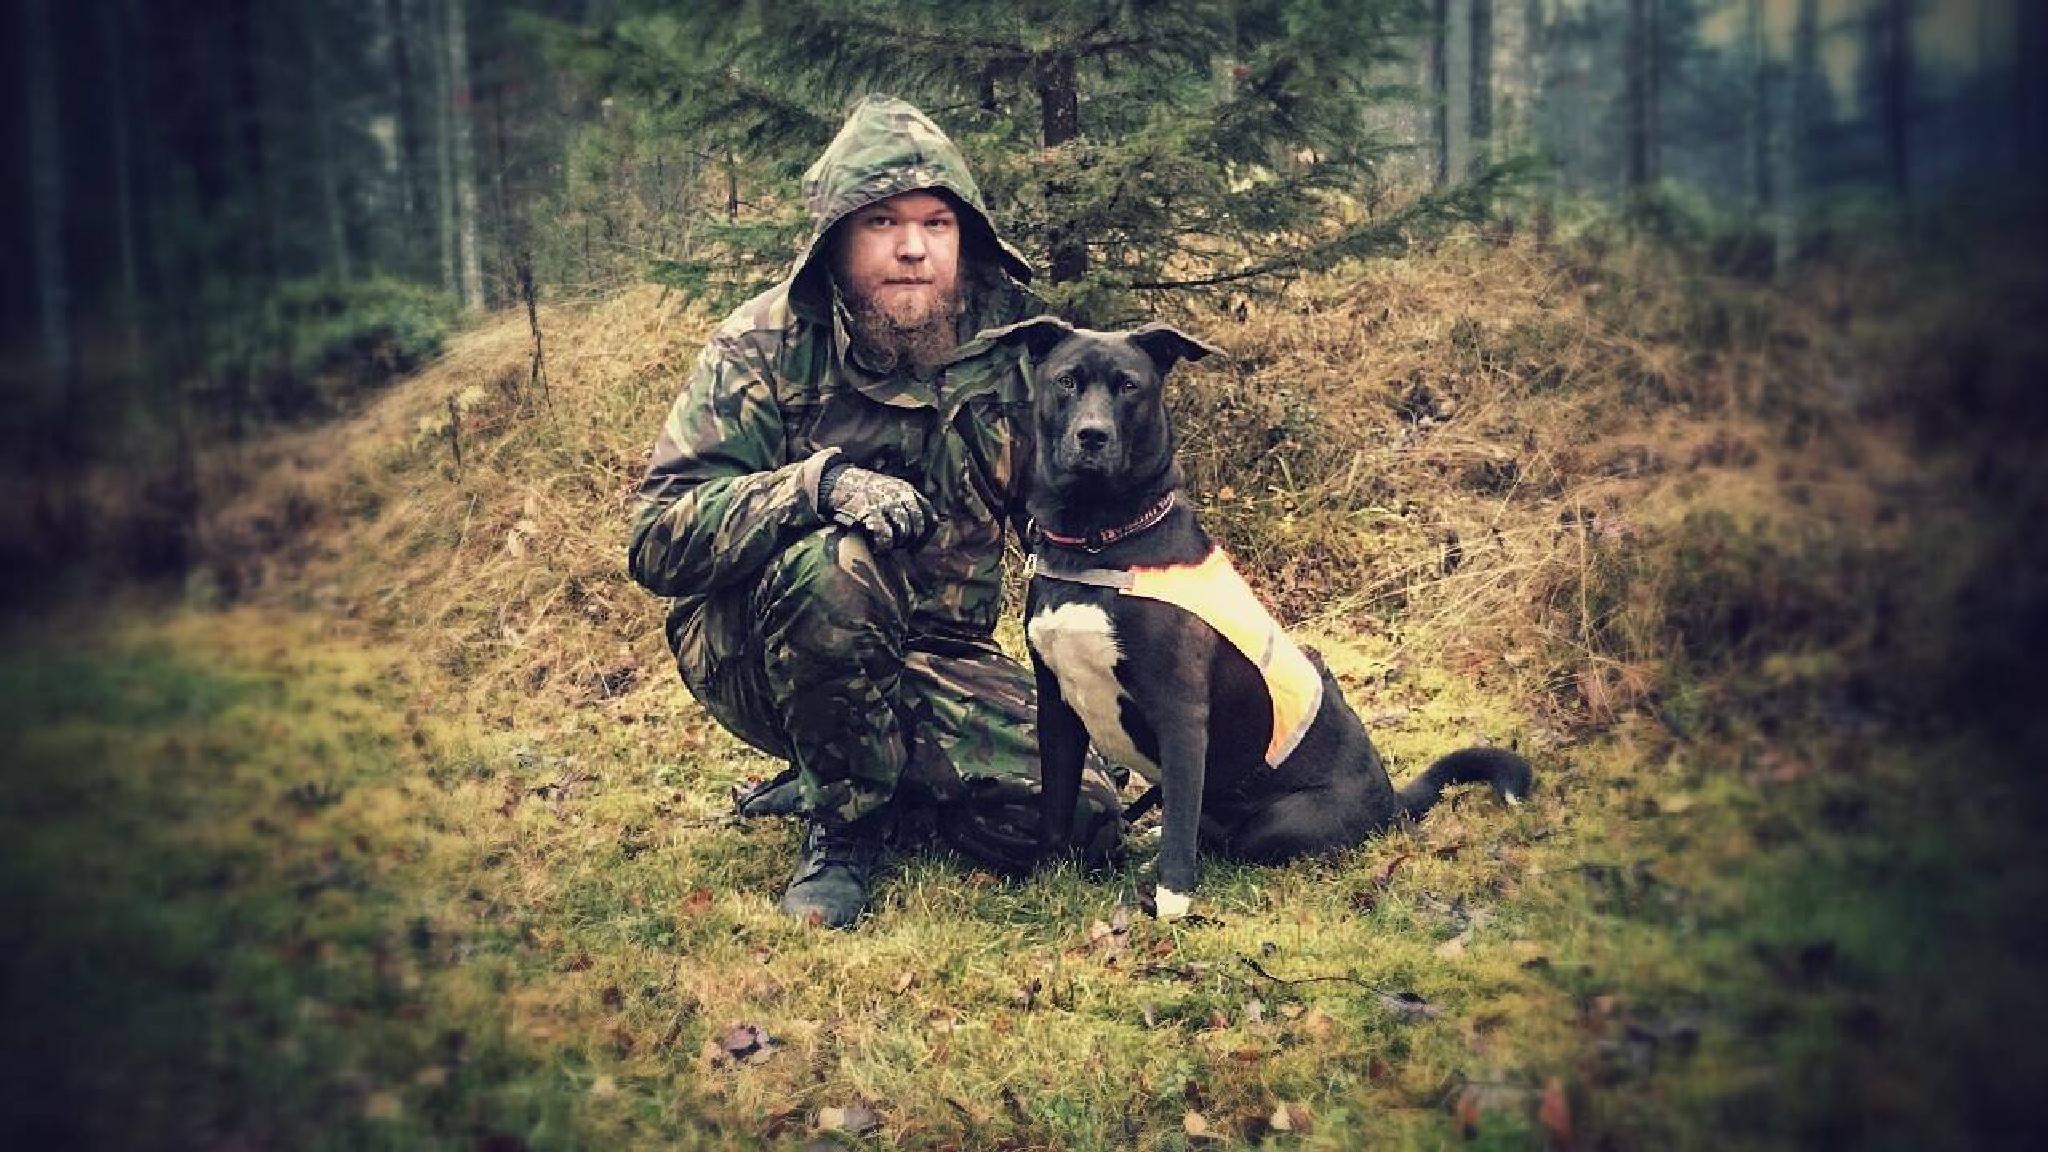 Me and my dog Hobo by Jesse Koukku